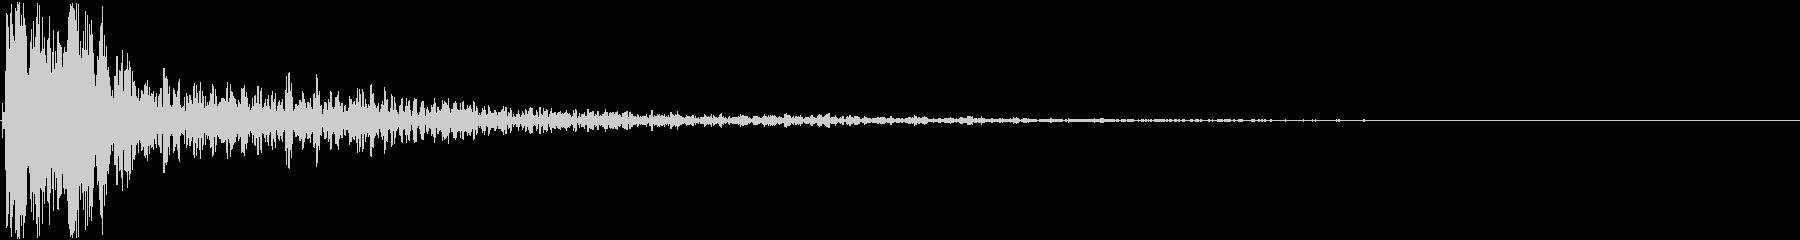 【シネマティック 】 衝撃音_33の未再生の波形